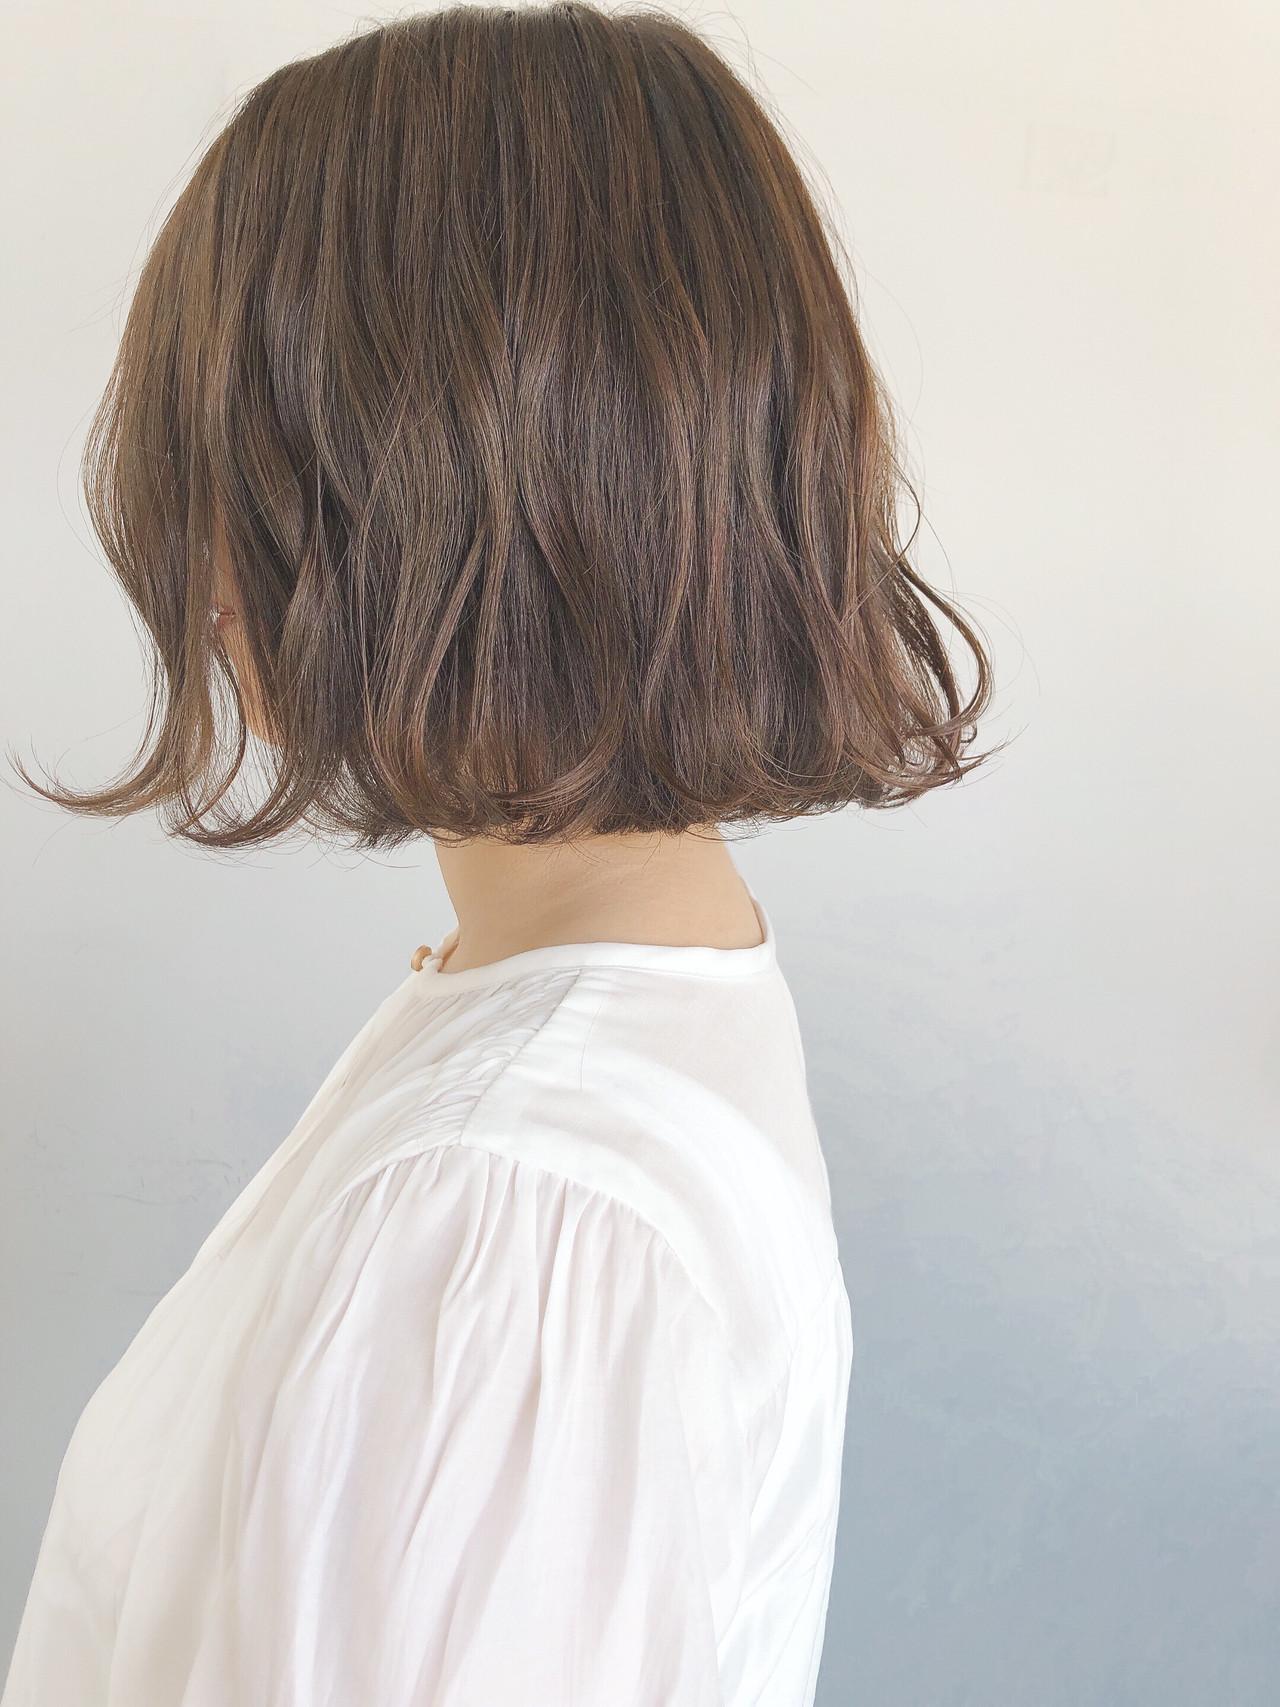 大人かわいい アッシュグレージュ ミルクティーグレージュ ボブヘアスタイルや髪型の写真・画像